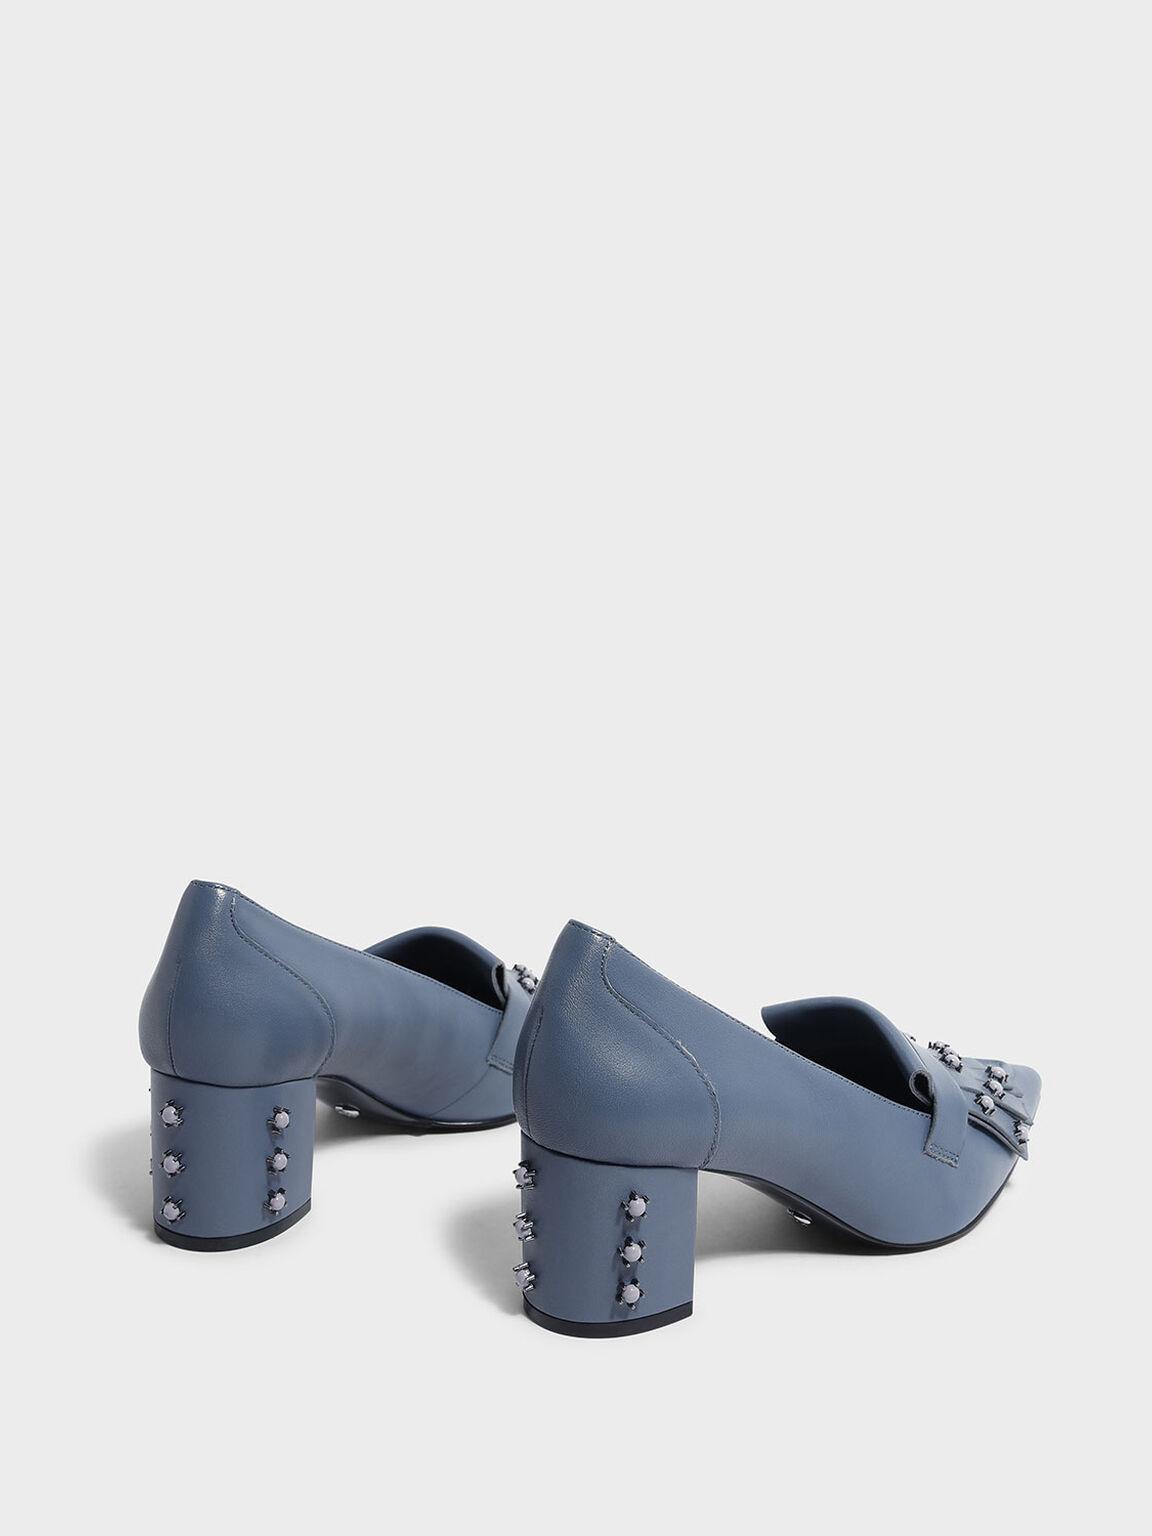 Embellished Leather Moccasins, Slate Blue, hi-res